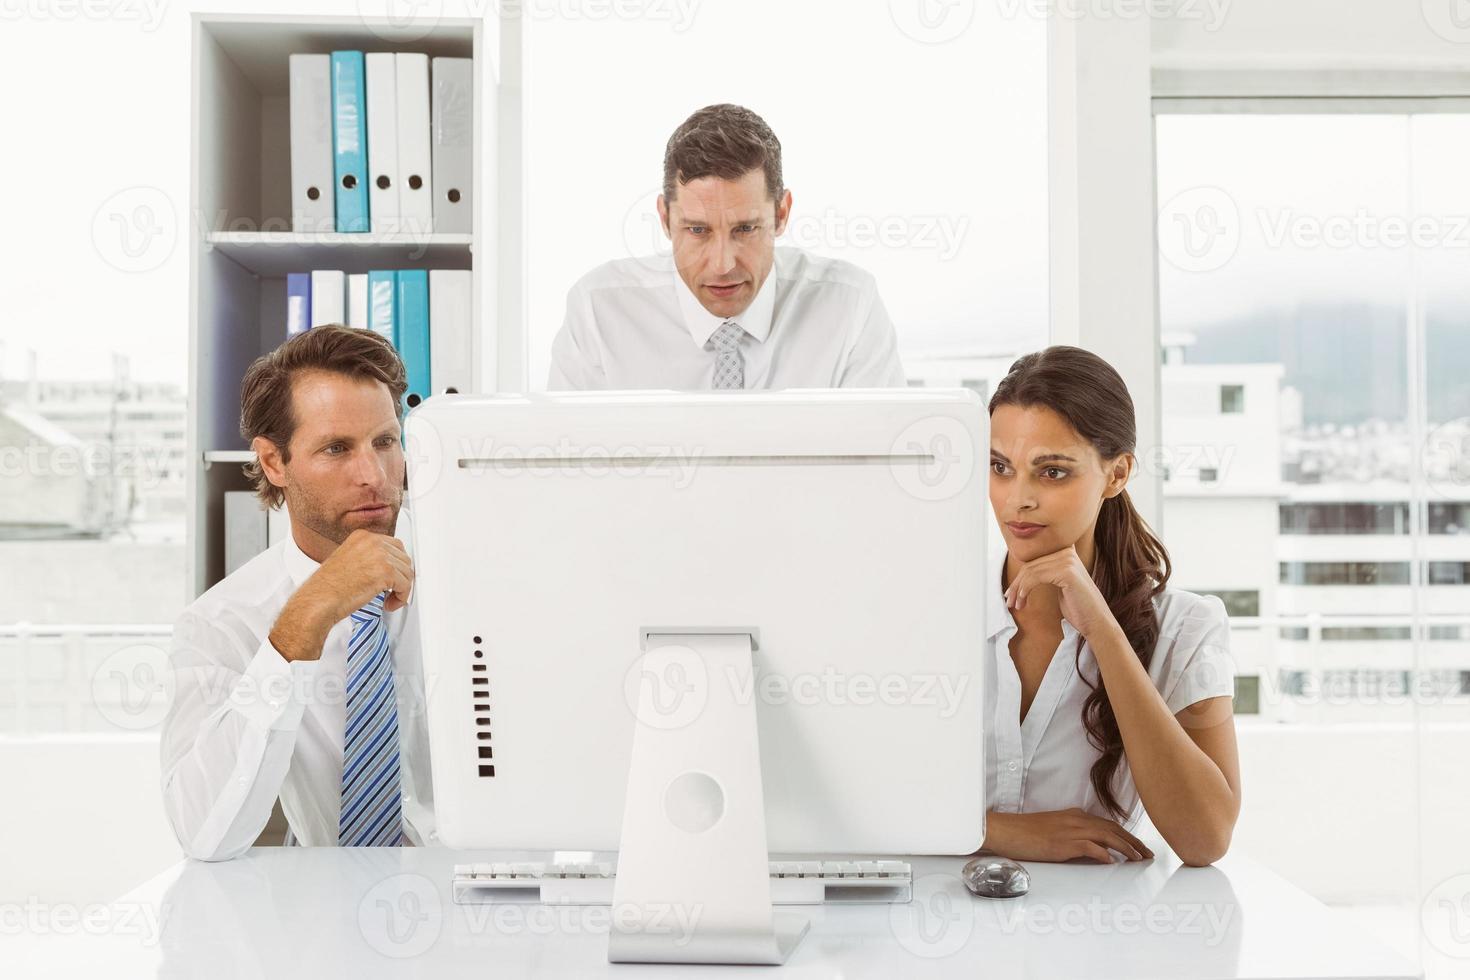 affärsmän som använder datorn på kontoret foto